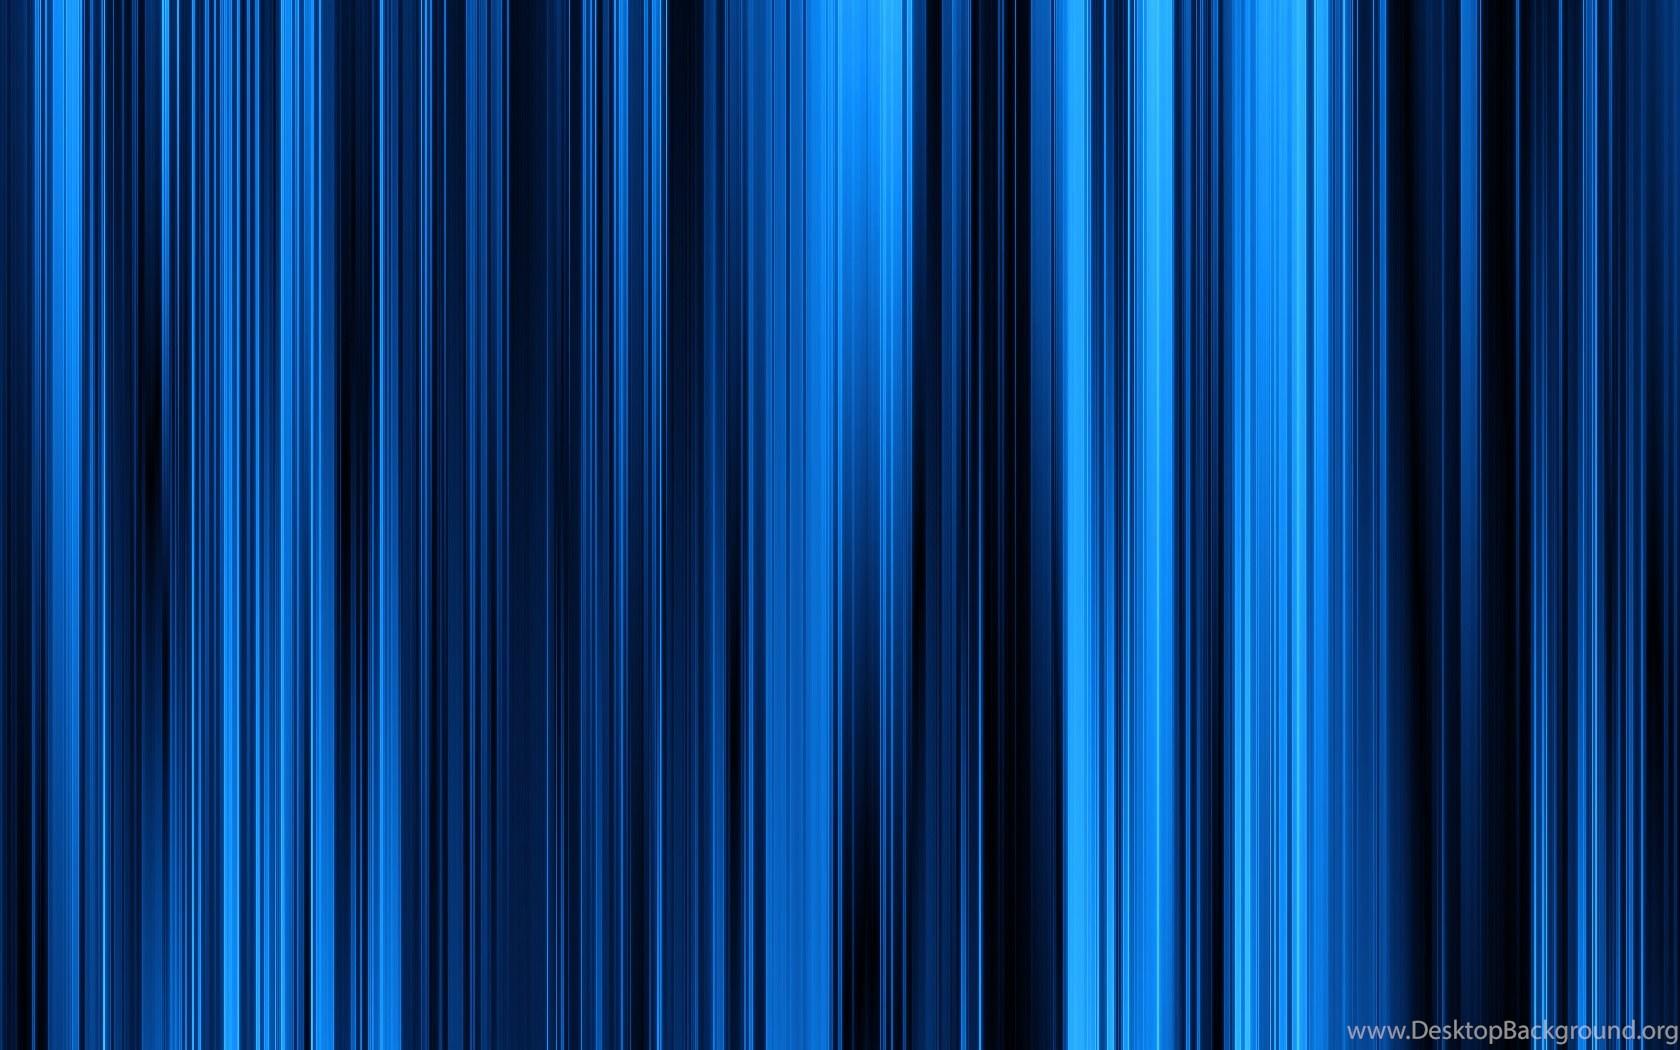 Blue Striped Wallpaper: Blue Stripe Wallpapers Wallpapers Zone Desktop Background